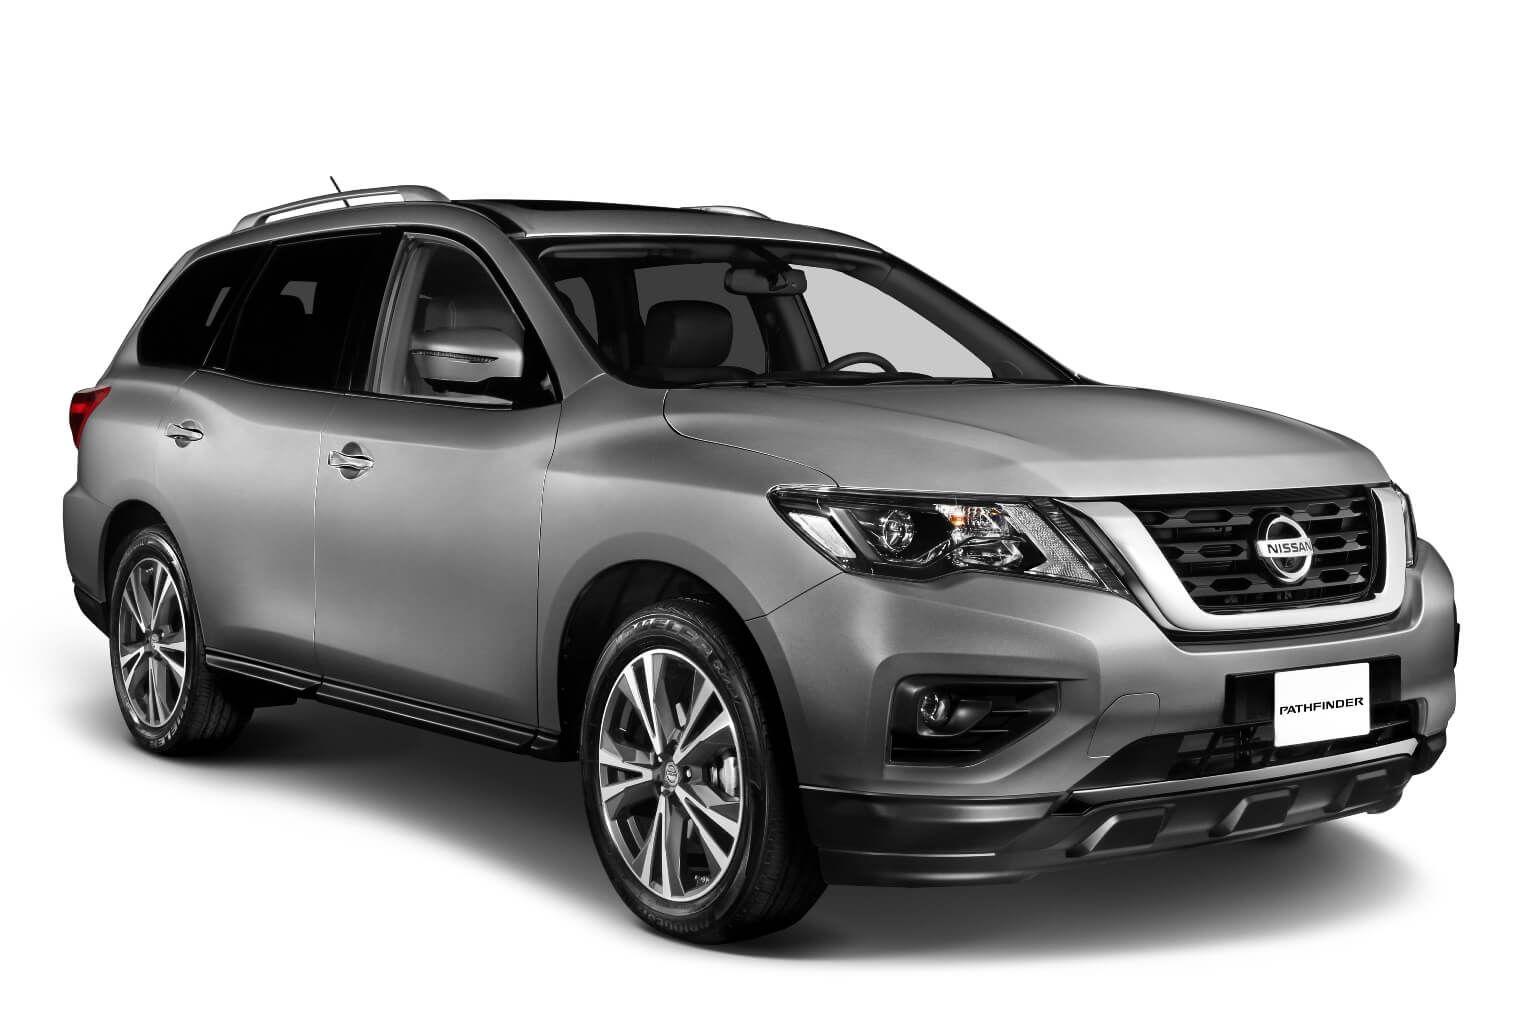 Новый Nissan Pathfinder 20172018 года Ниссан